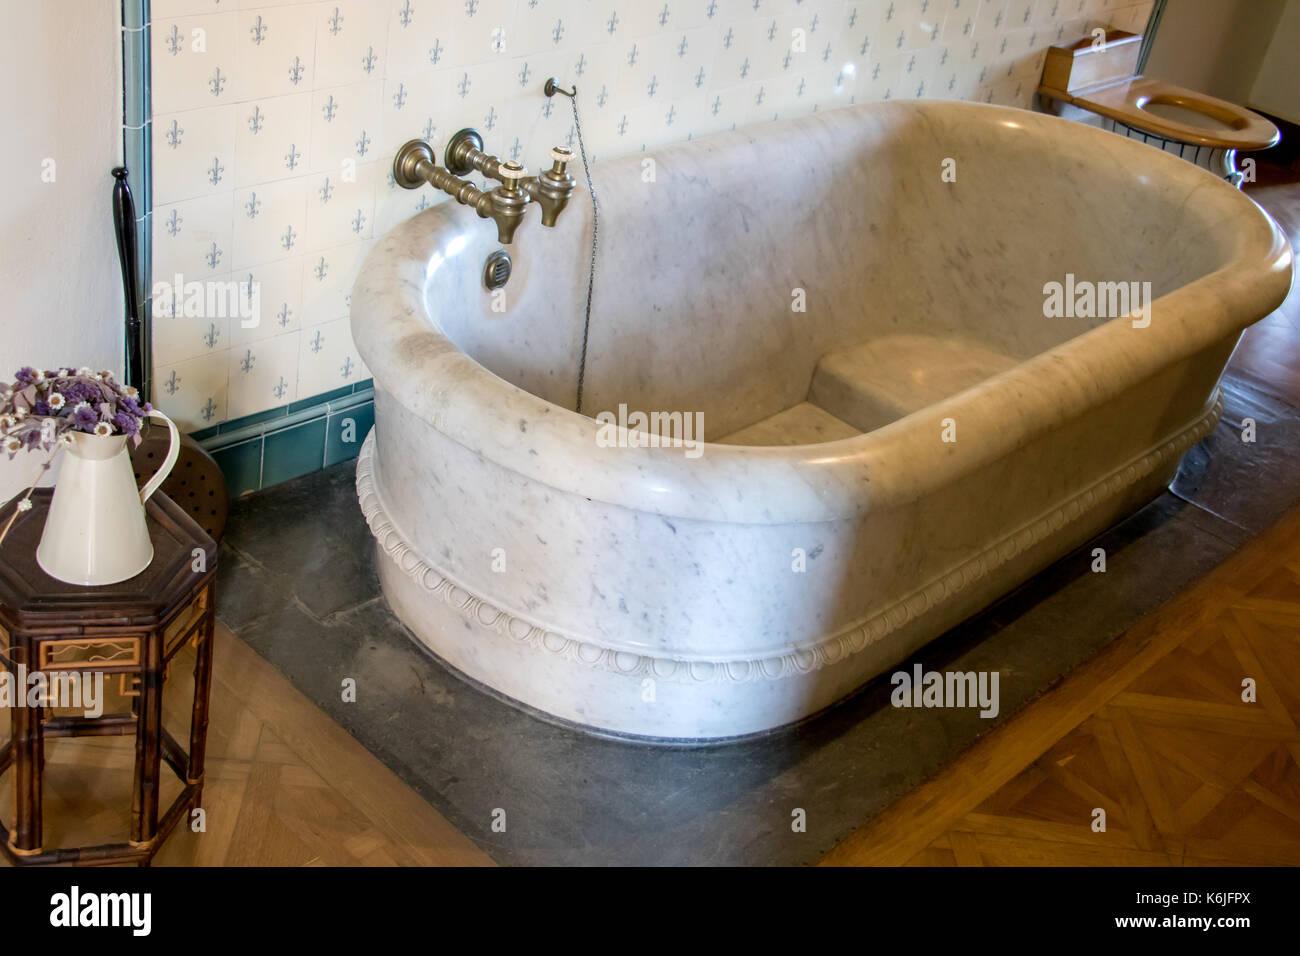 Vasca Da Bagno Marmo : La grande vasca da bagno nel bagno ha acceso il marmo nessuno